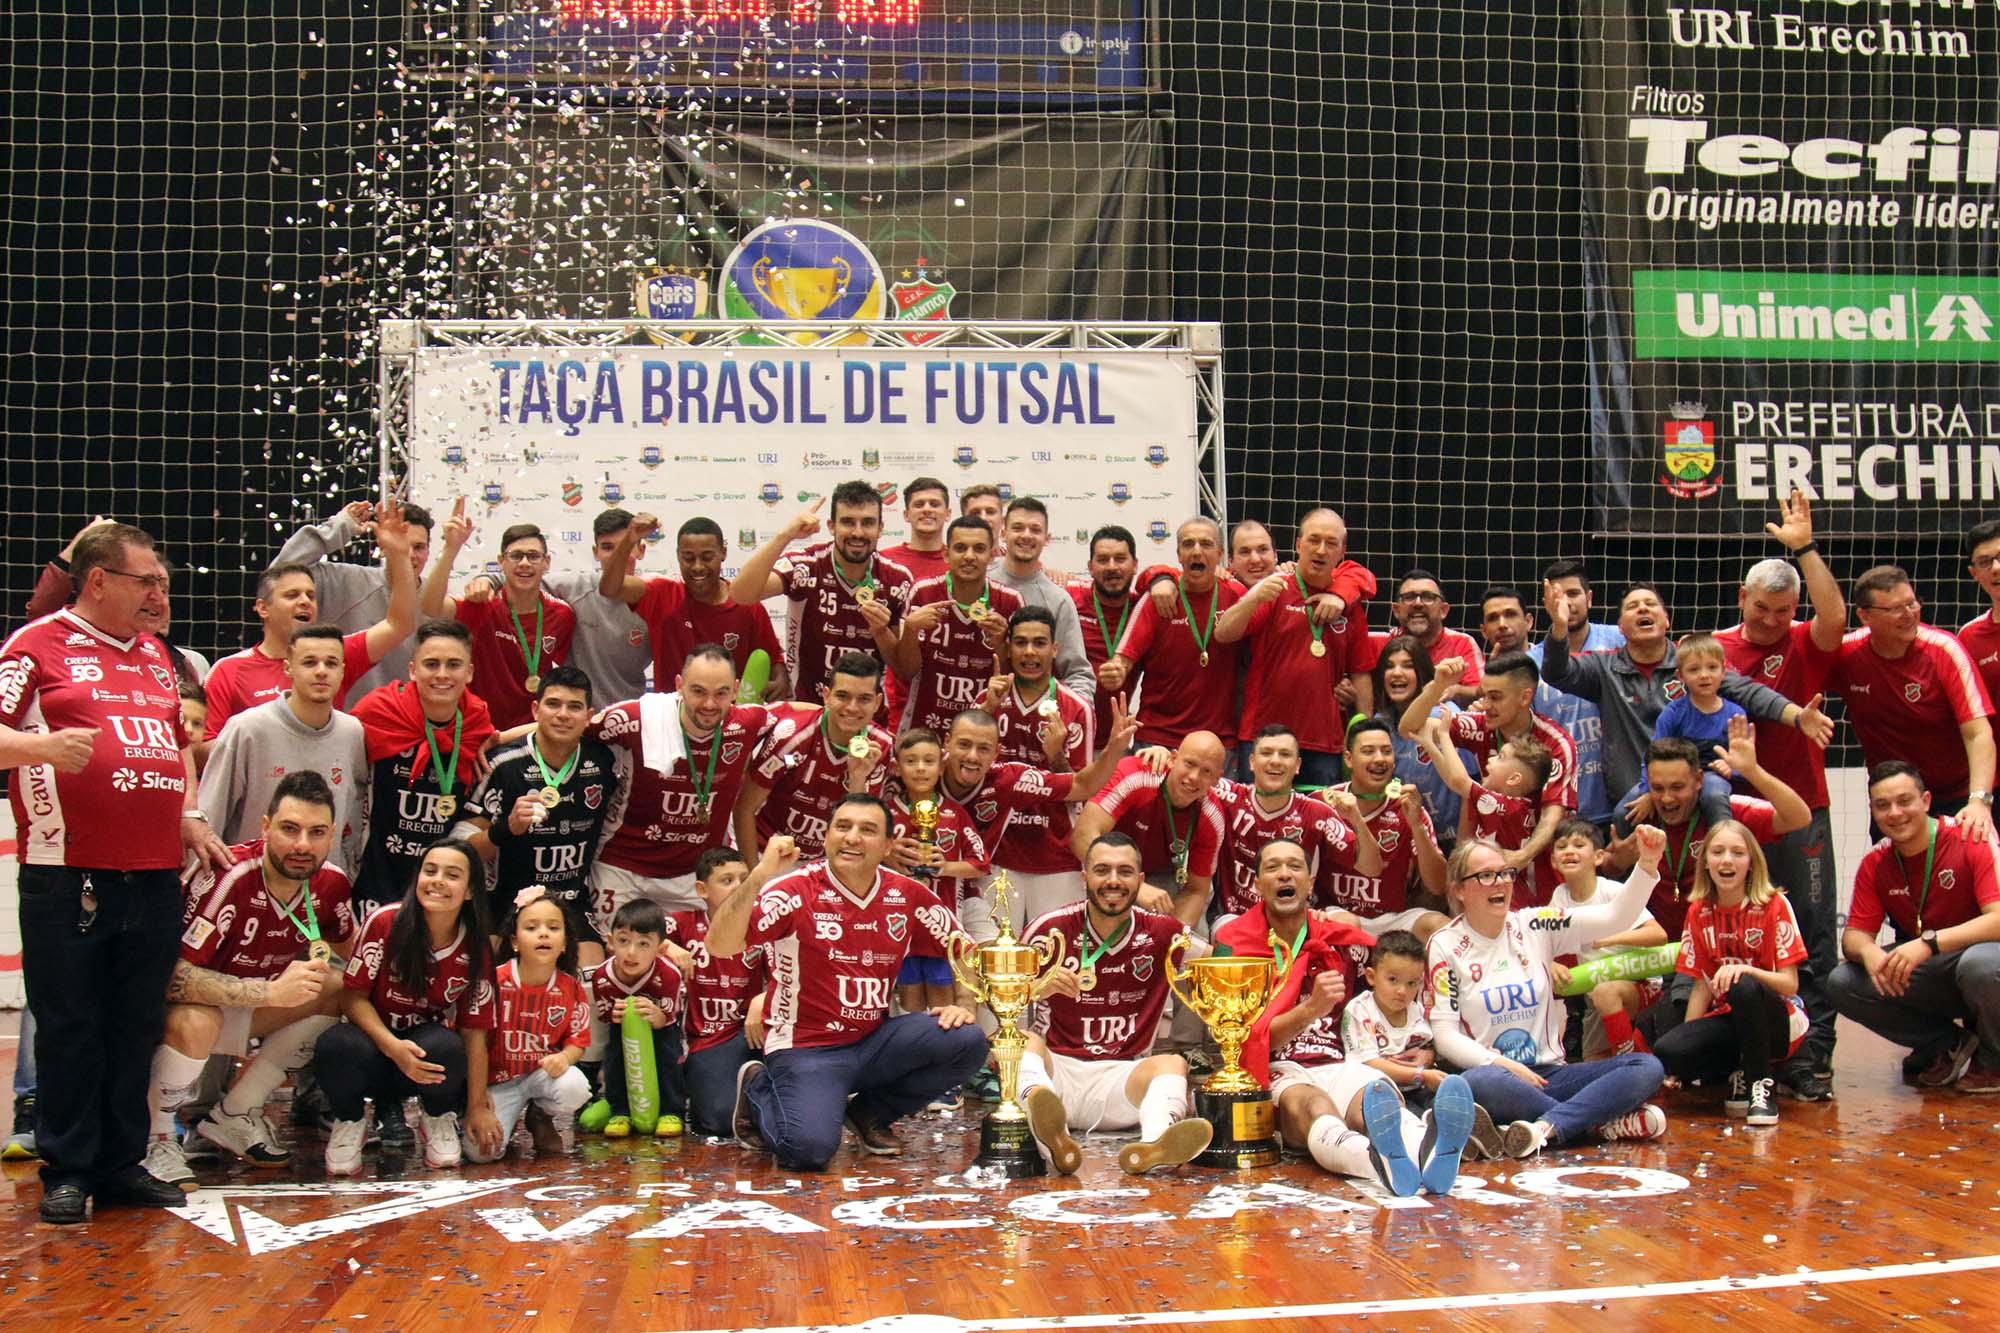 Atlântico é o atual campeão da Taça Brasil de Futsal | Foto: Atlântico Futsal/Divulgação